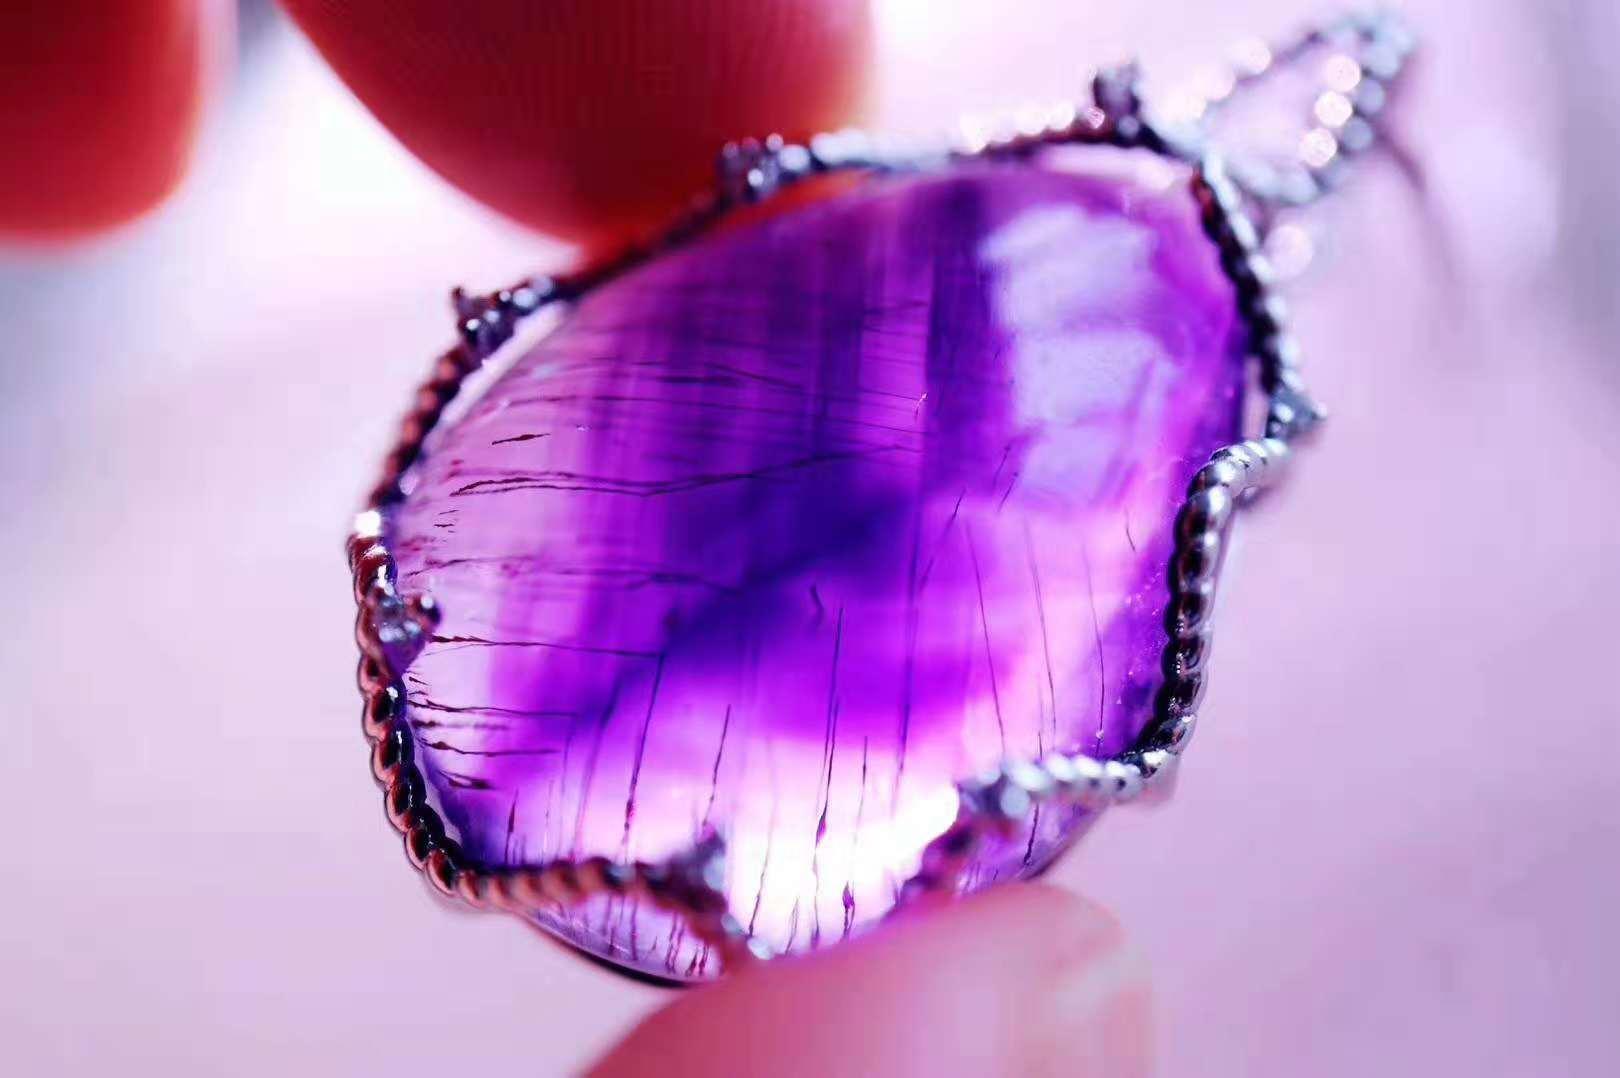 新手入坑,超七紫发晶有什么作用和功效?真的可以招财吗?-菩心晶舍